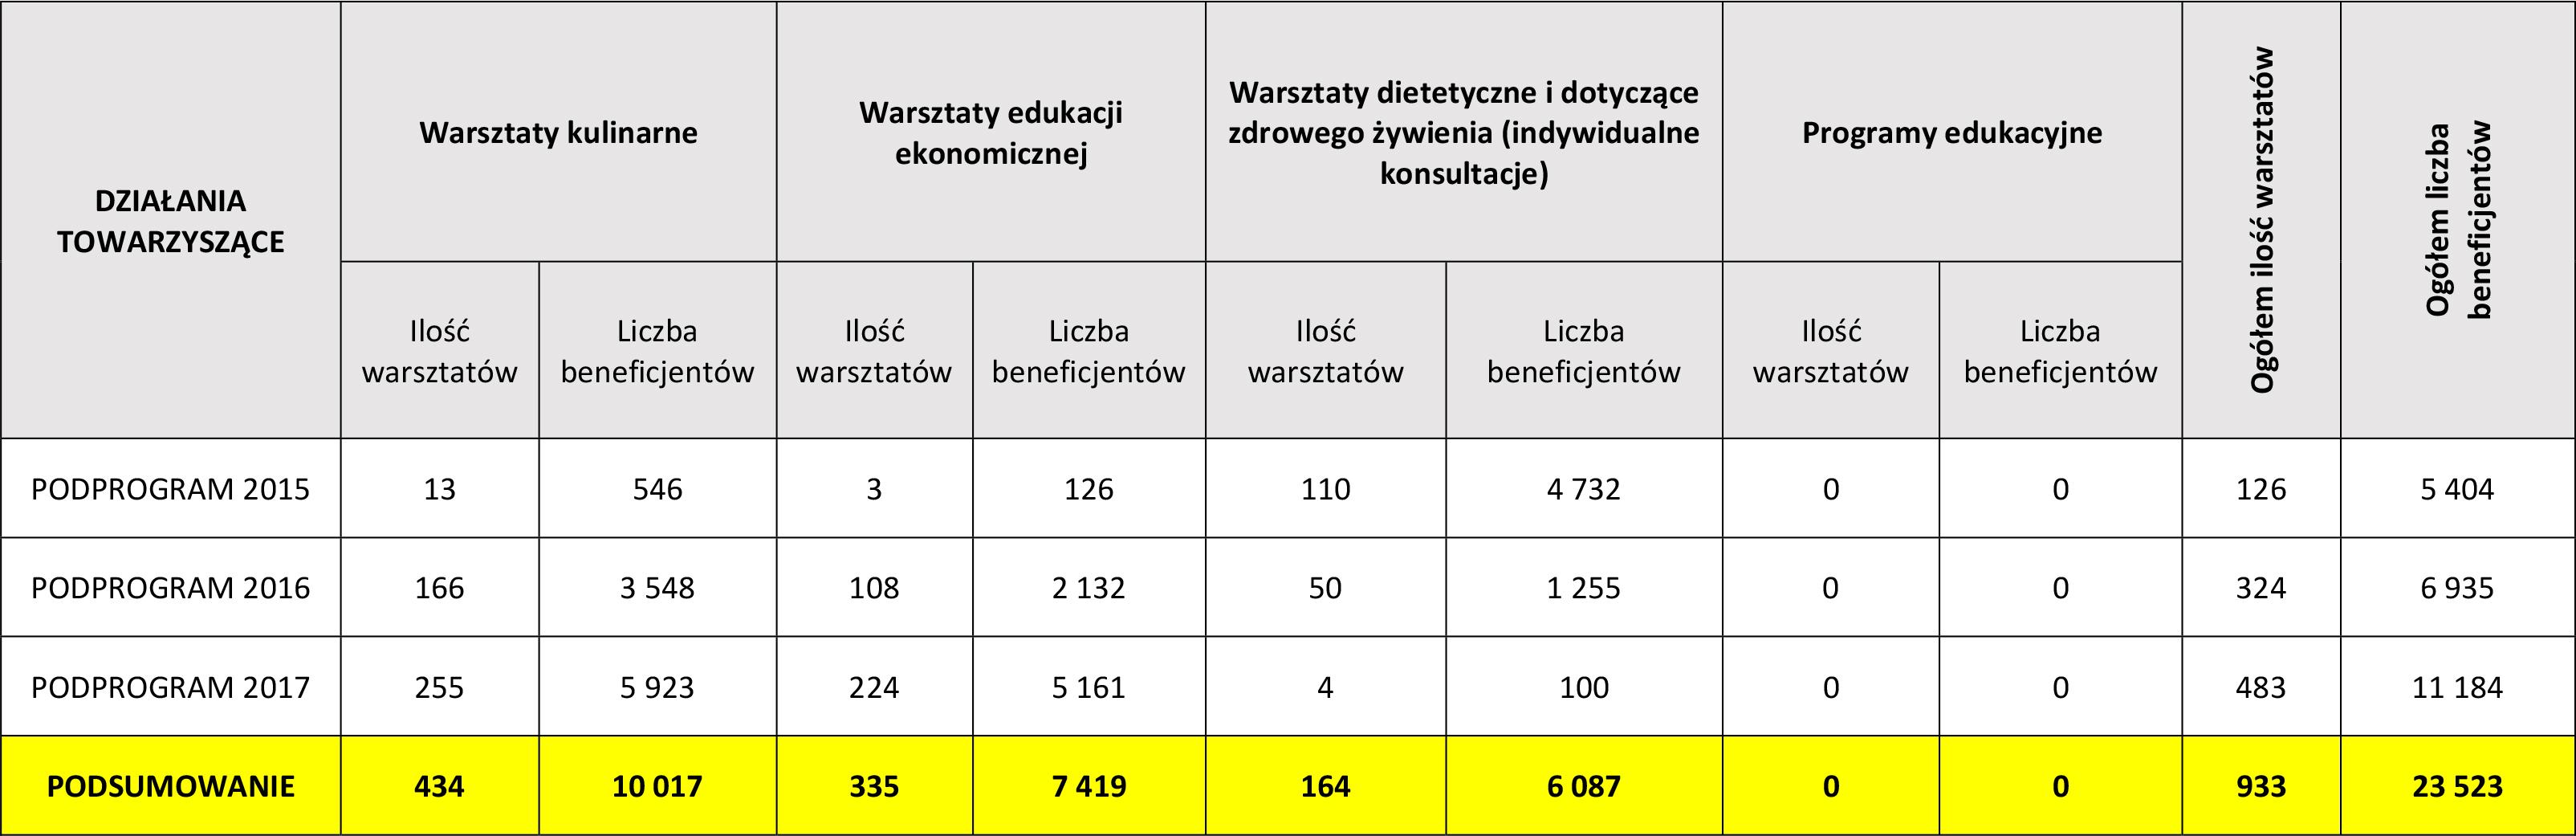 Microsoft Word - PODSUMOWANIE DZIAņANIA TOWARZYSZėCE_POP